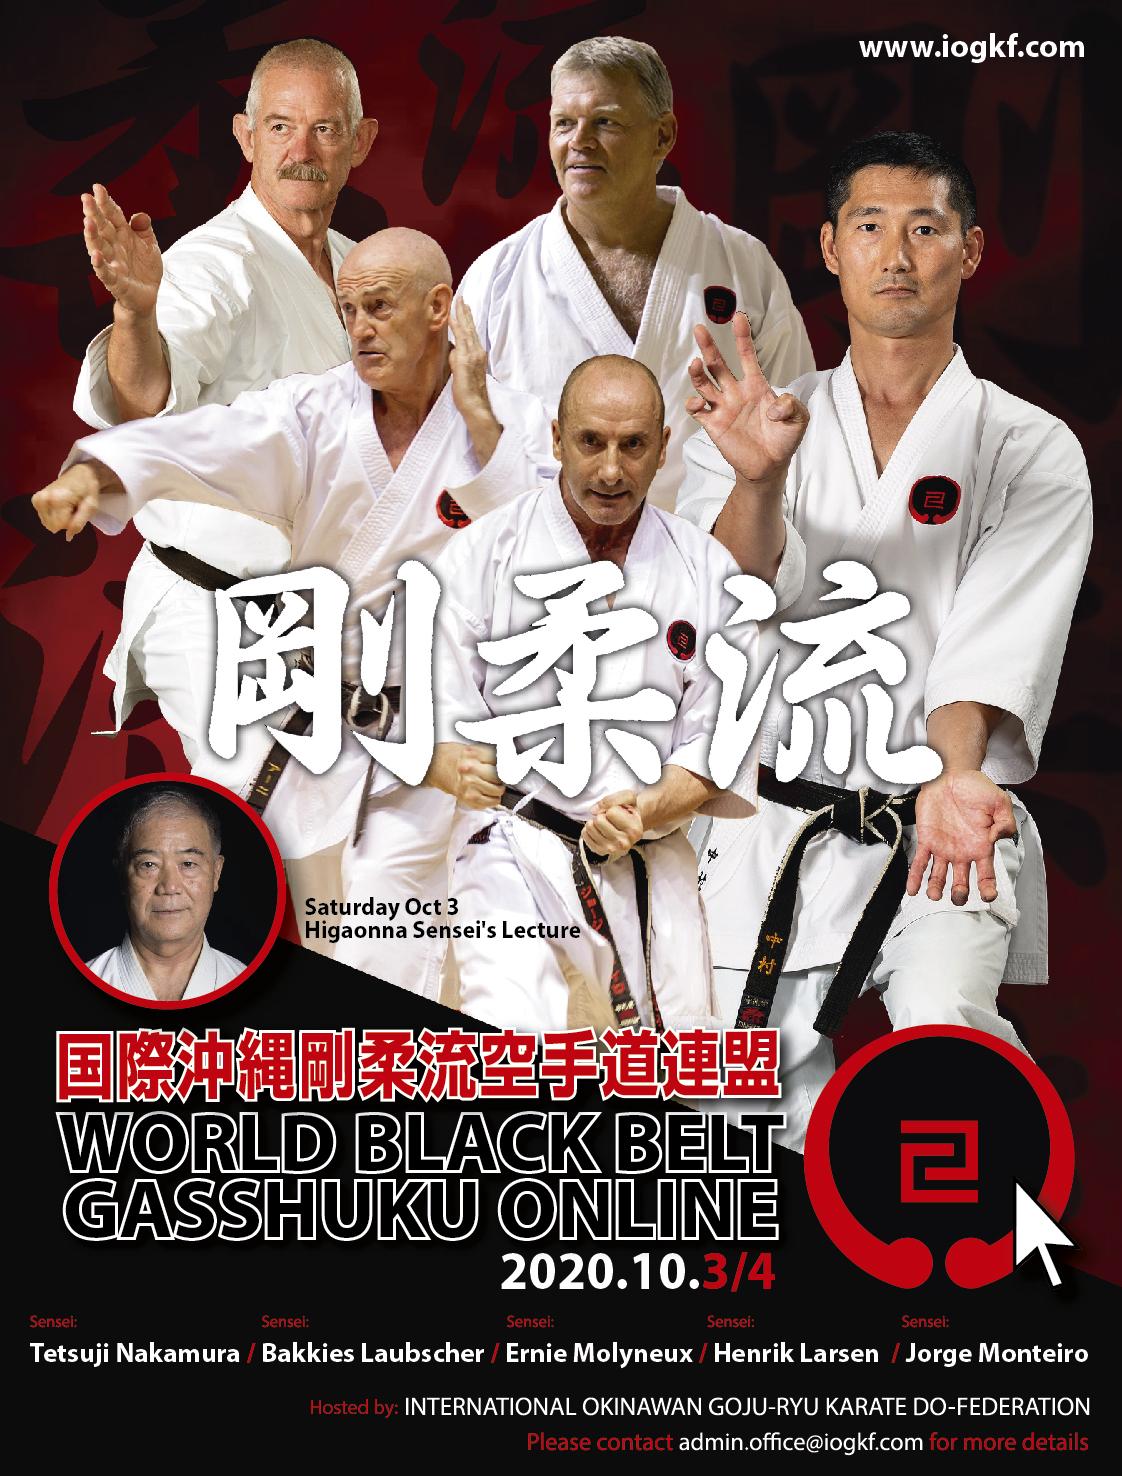 Online black belt gasshuku